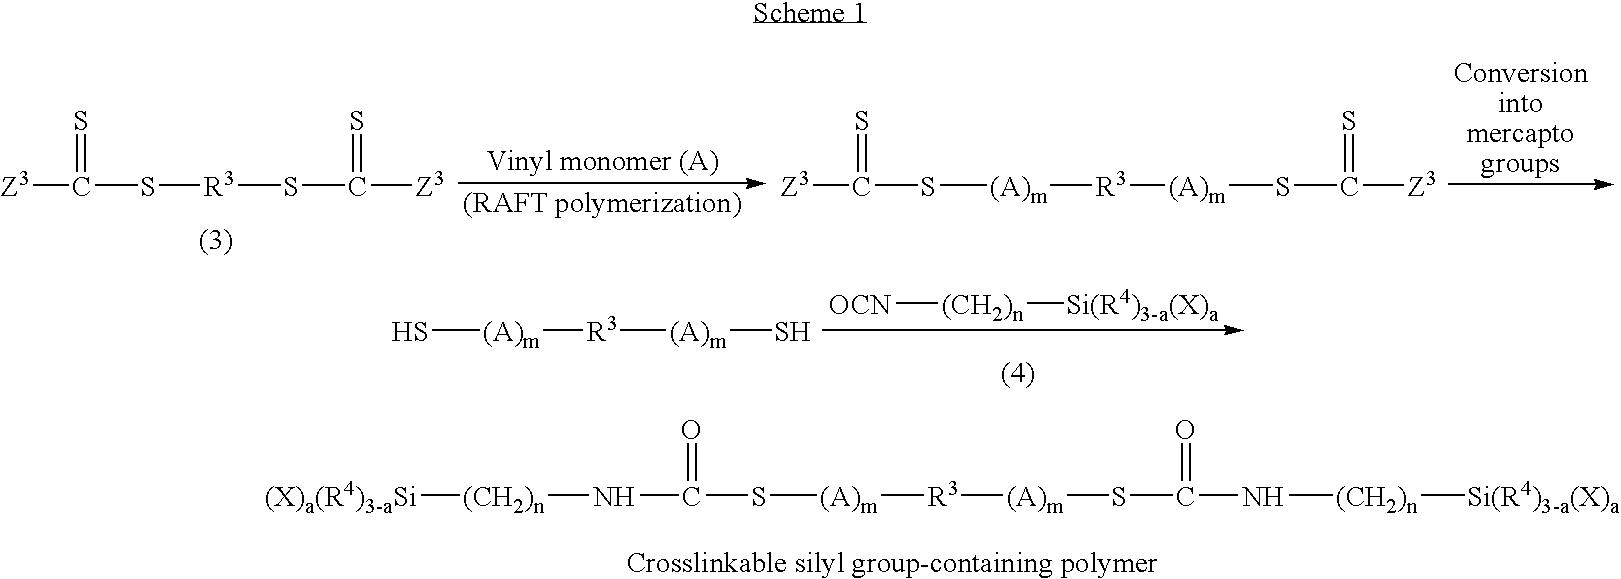 dimethyl ether dme as an alternative fuel pdf